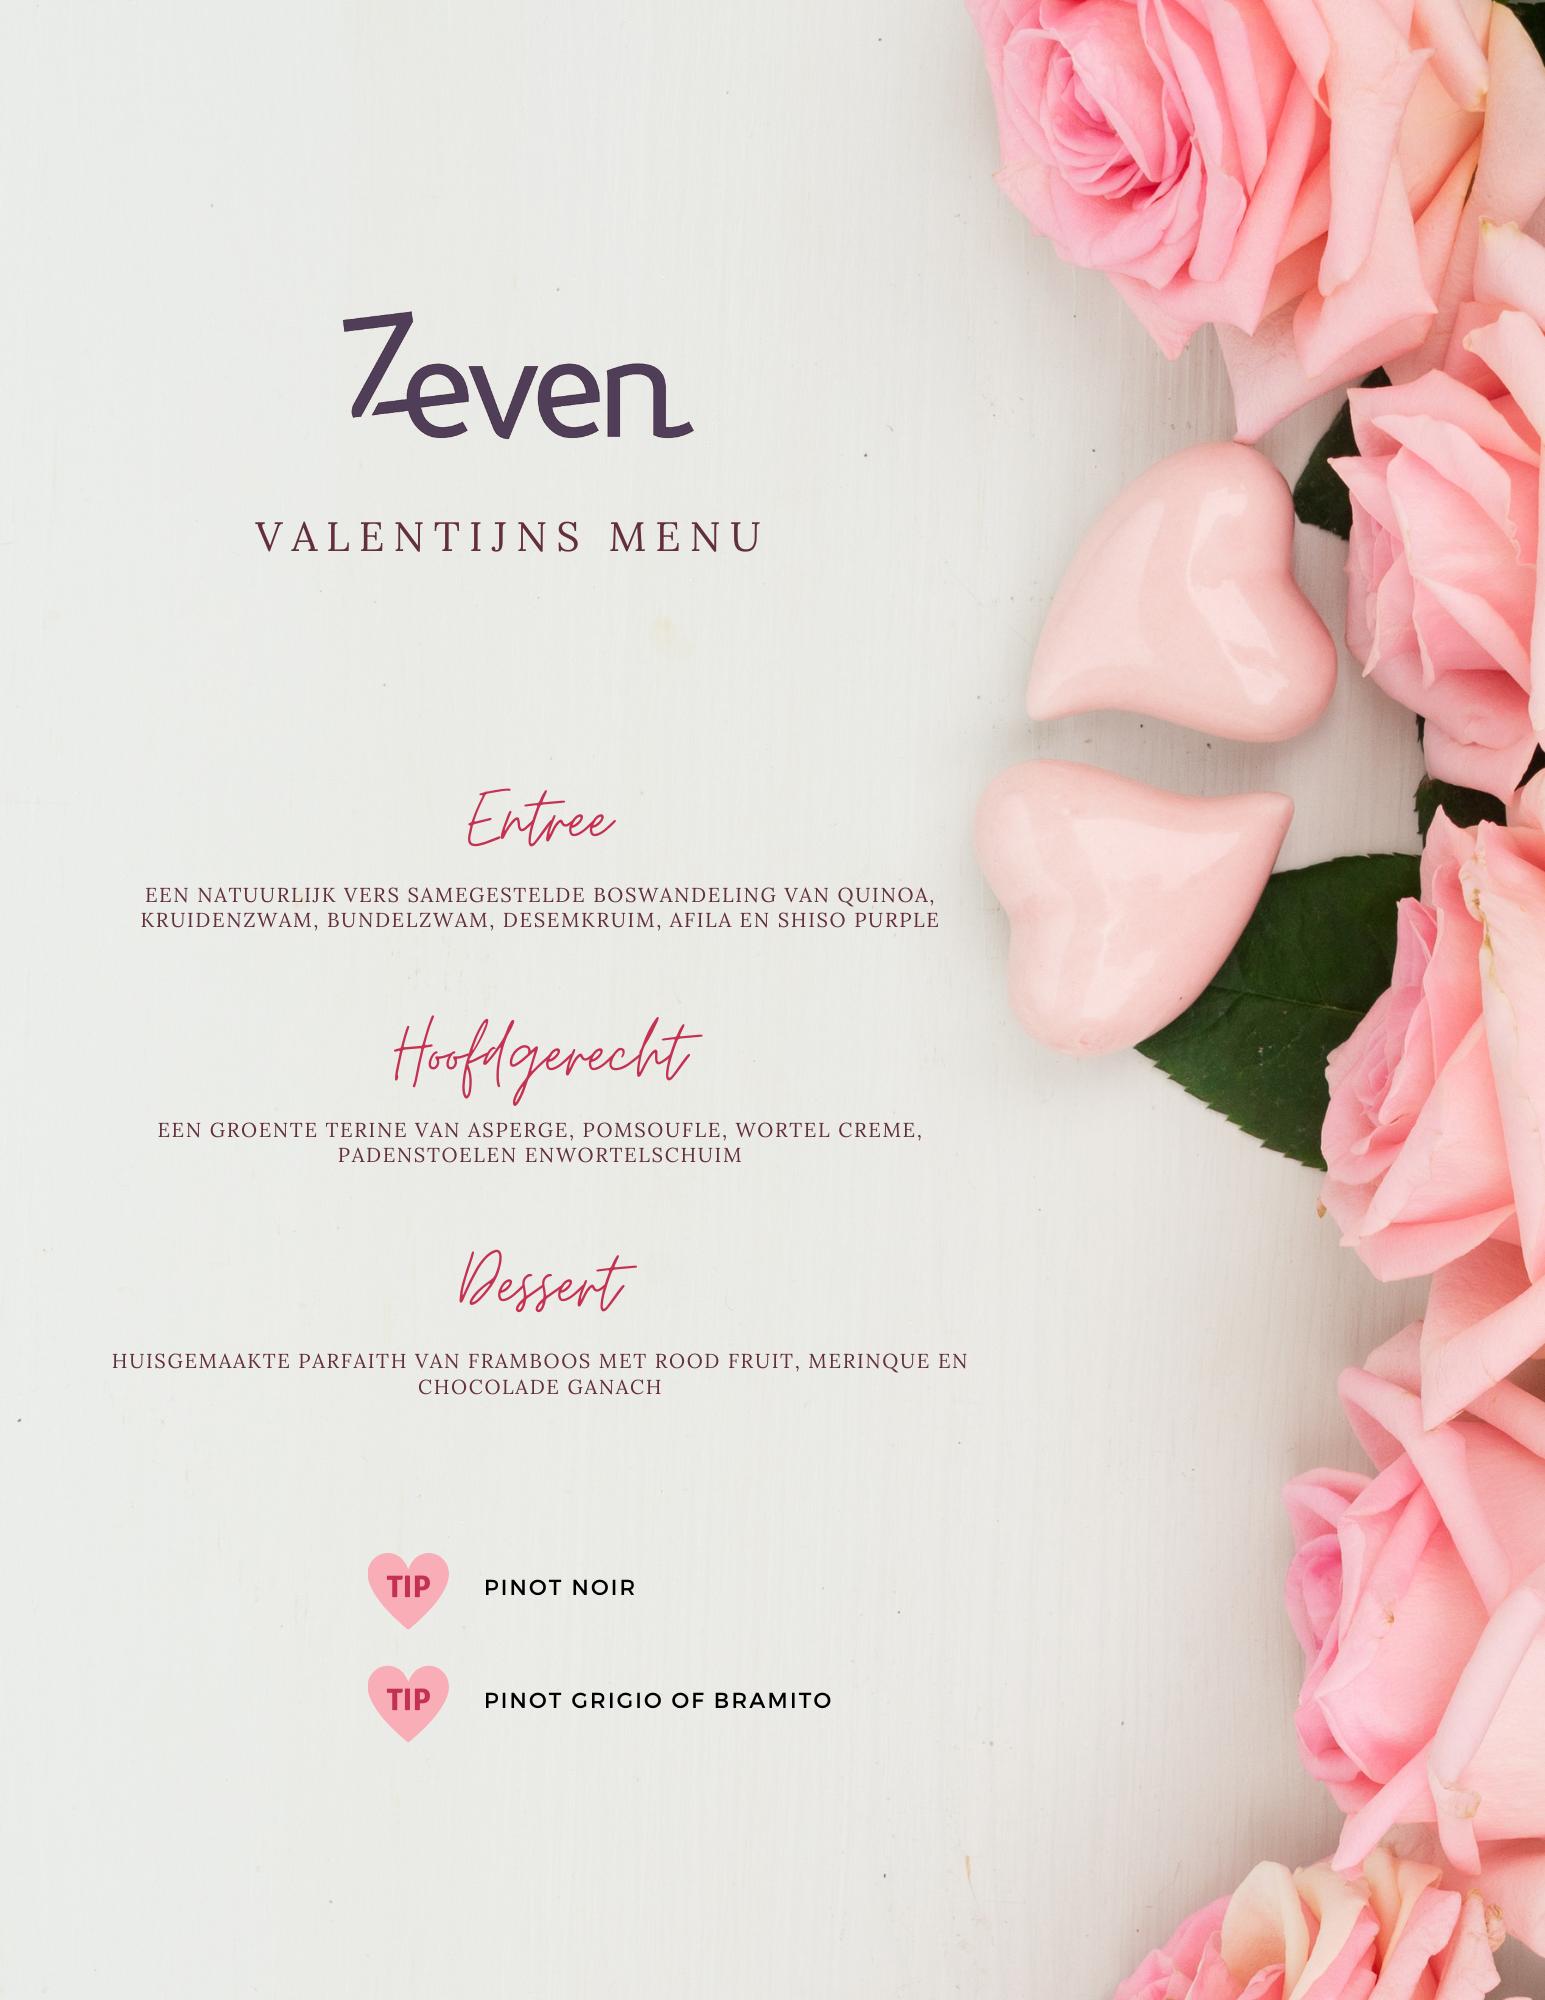 Vegetarische menu valentijn